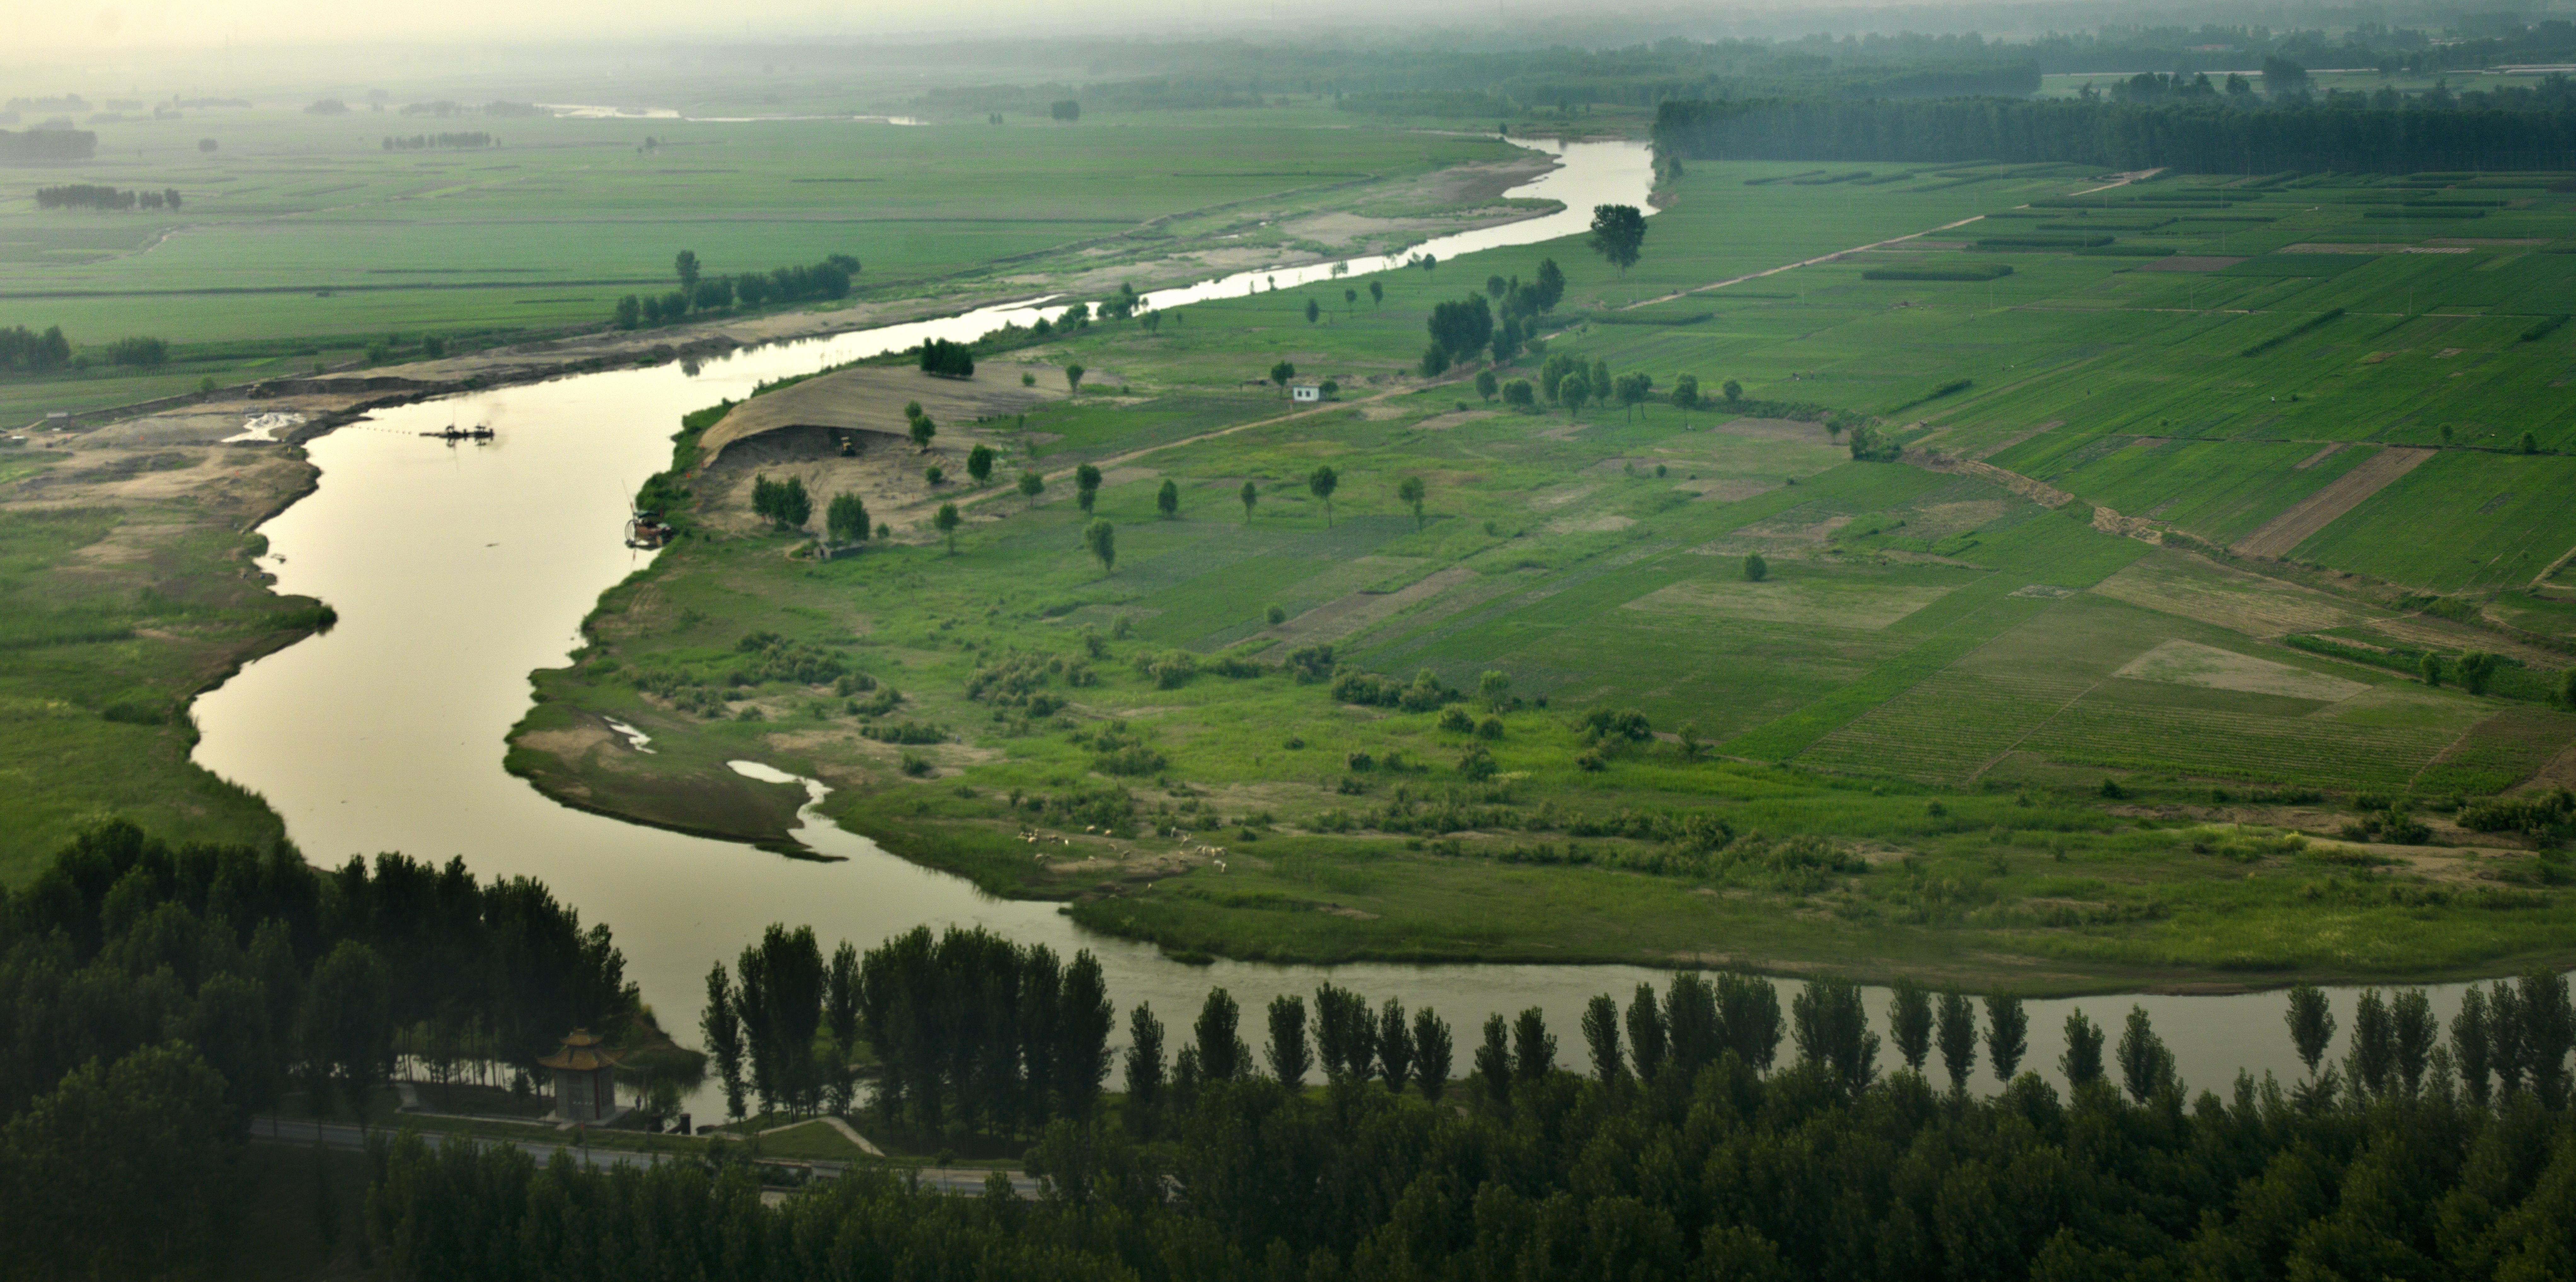 Sur les rives du fleuve jaune...